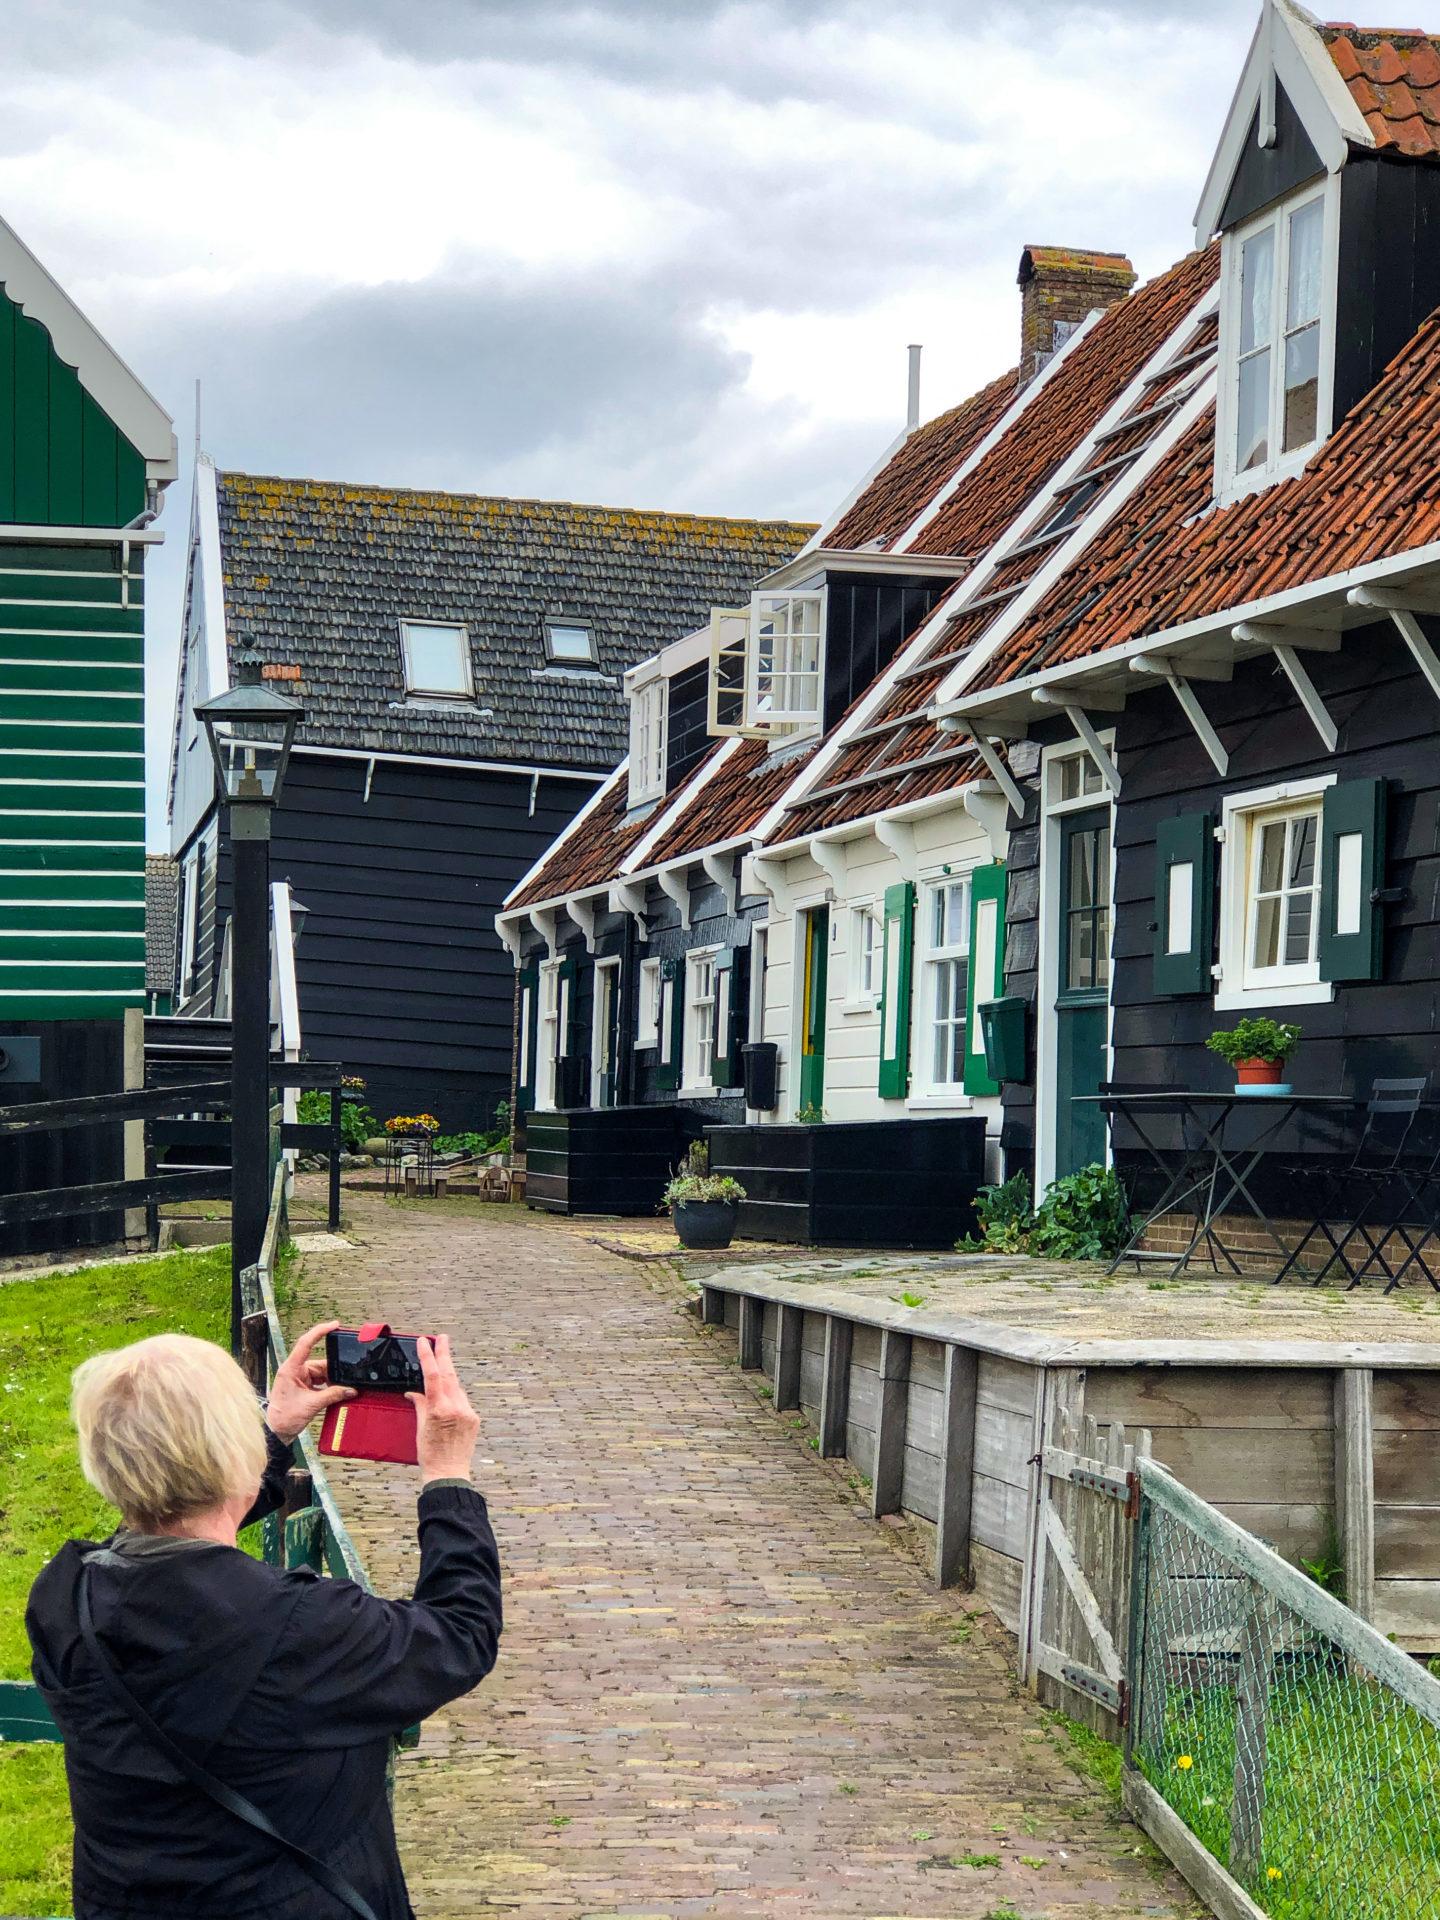 Touristin fotografiert Holzhäuser in Marken in Holland